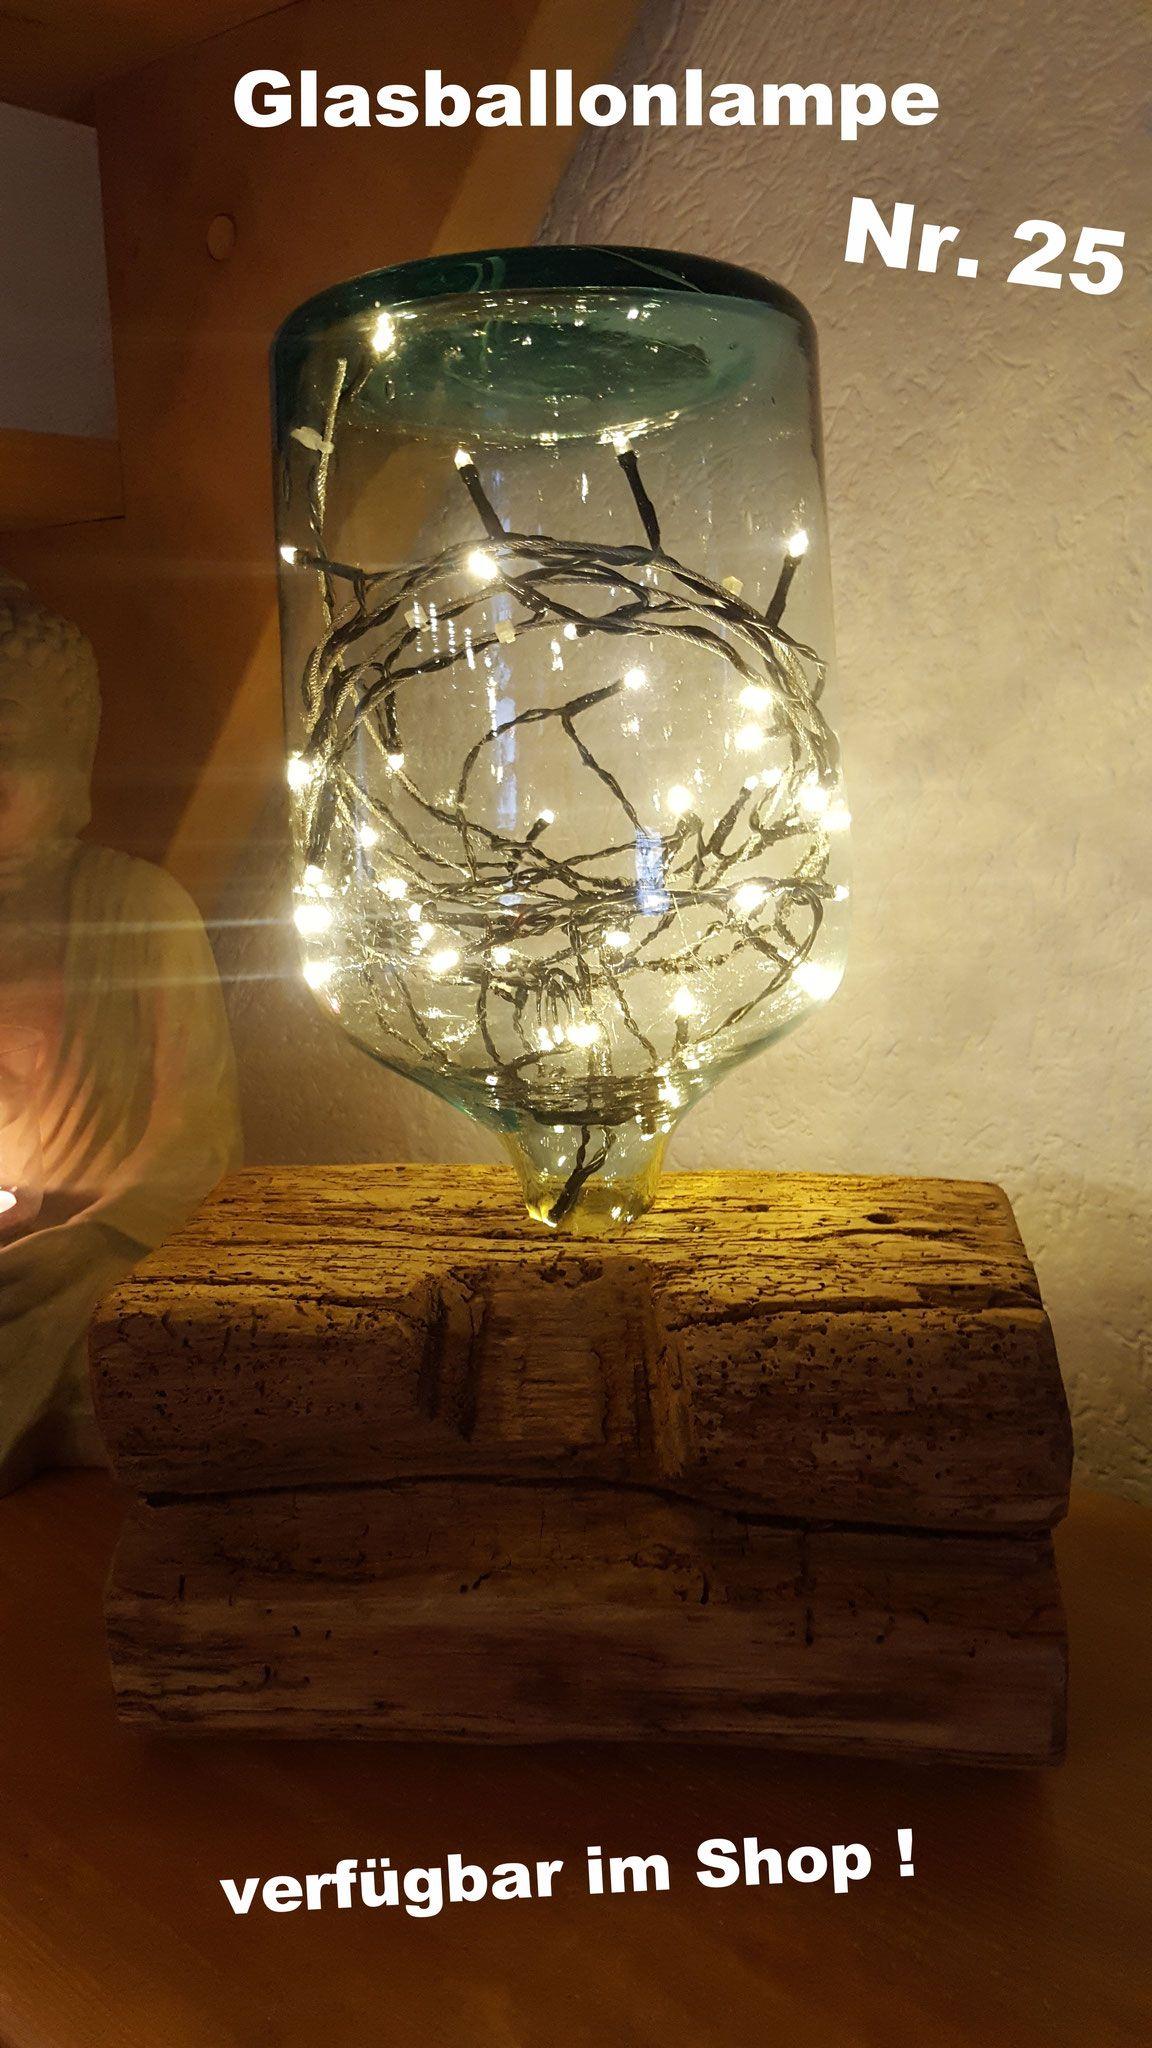 Rustikale Eichenbalken Lampe Mit Glasballon Nr 25 Und Led Lichterkette Batteriebetrieben Mit T Lichterkette Batteriebetrieben Led Lichterkette Lichterkette